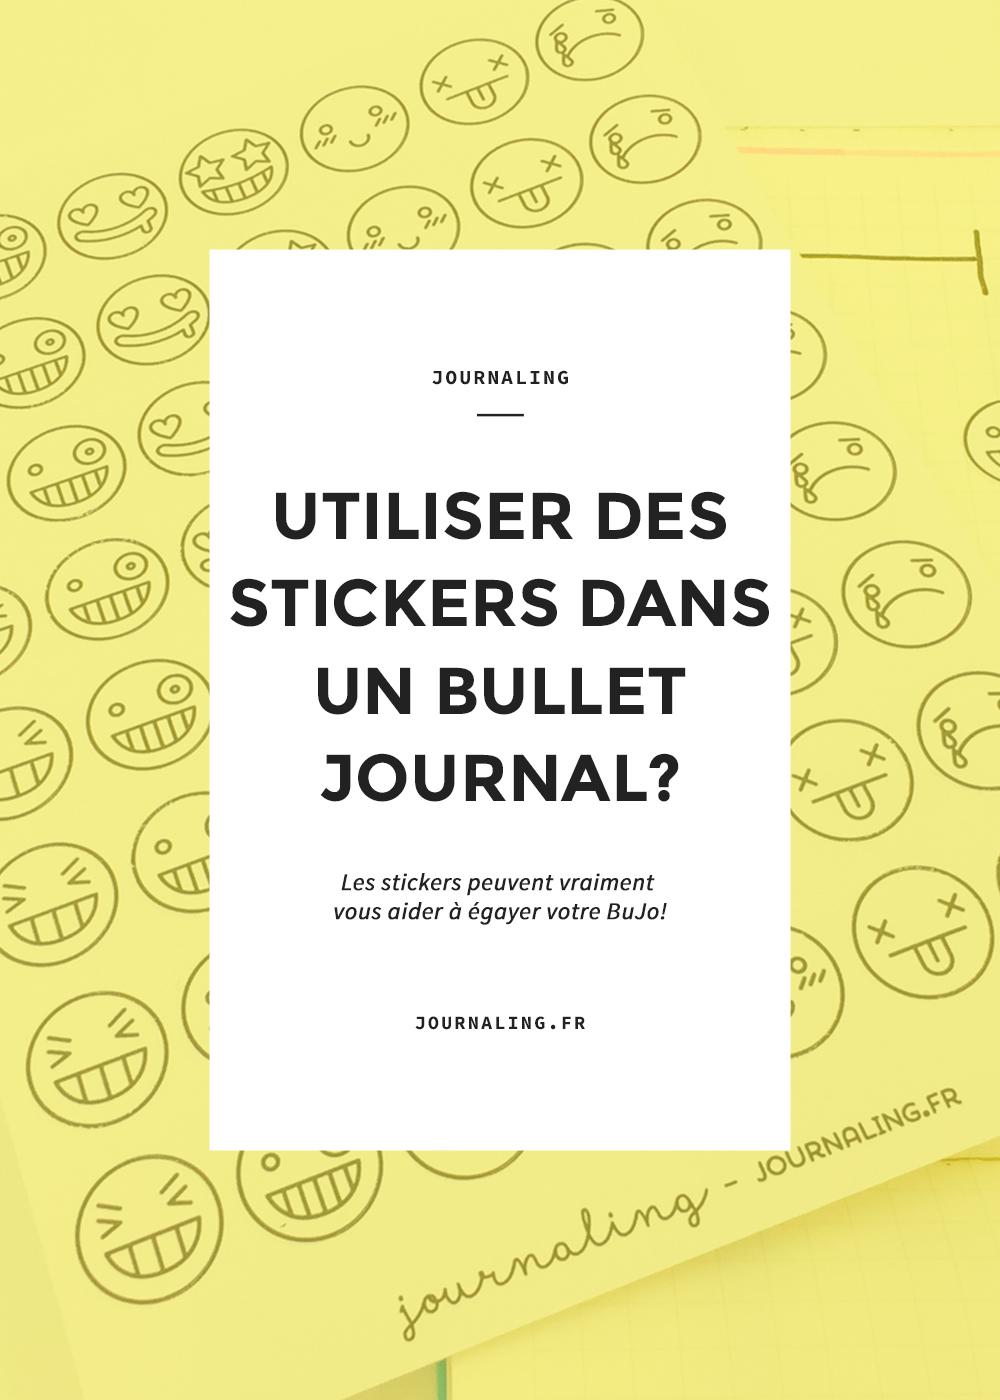 Utiliser des stickers dans un Bullet Journal?